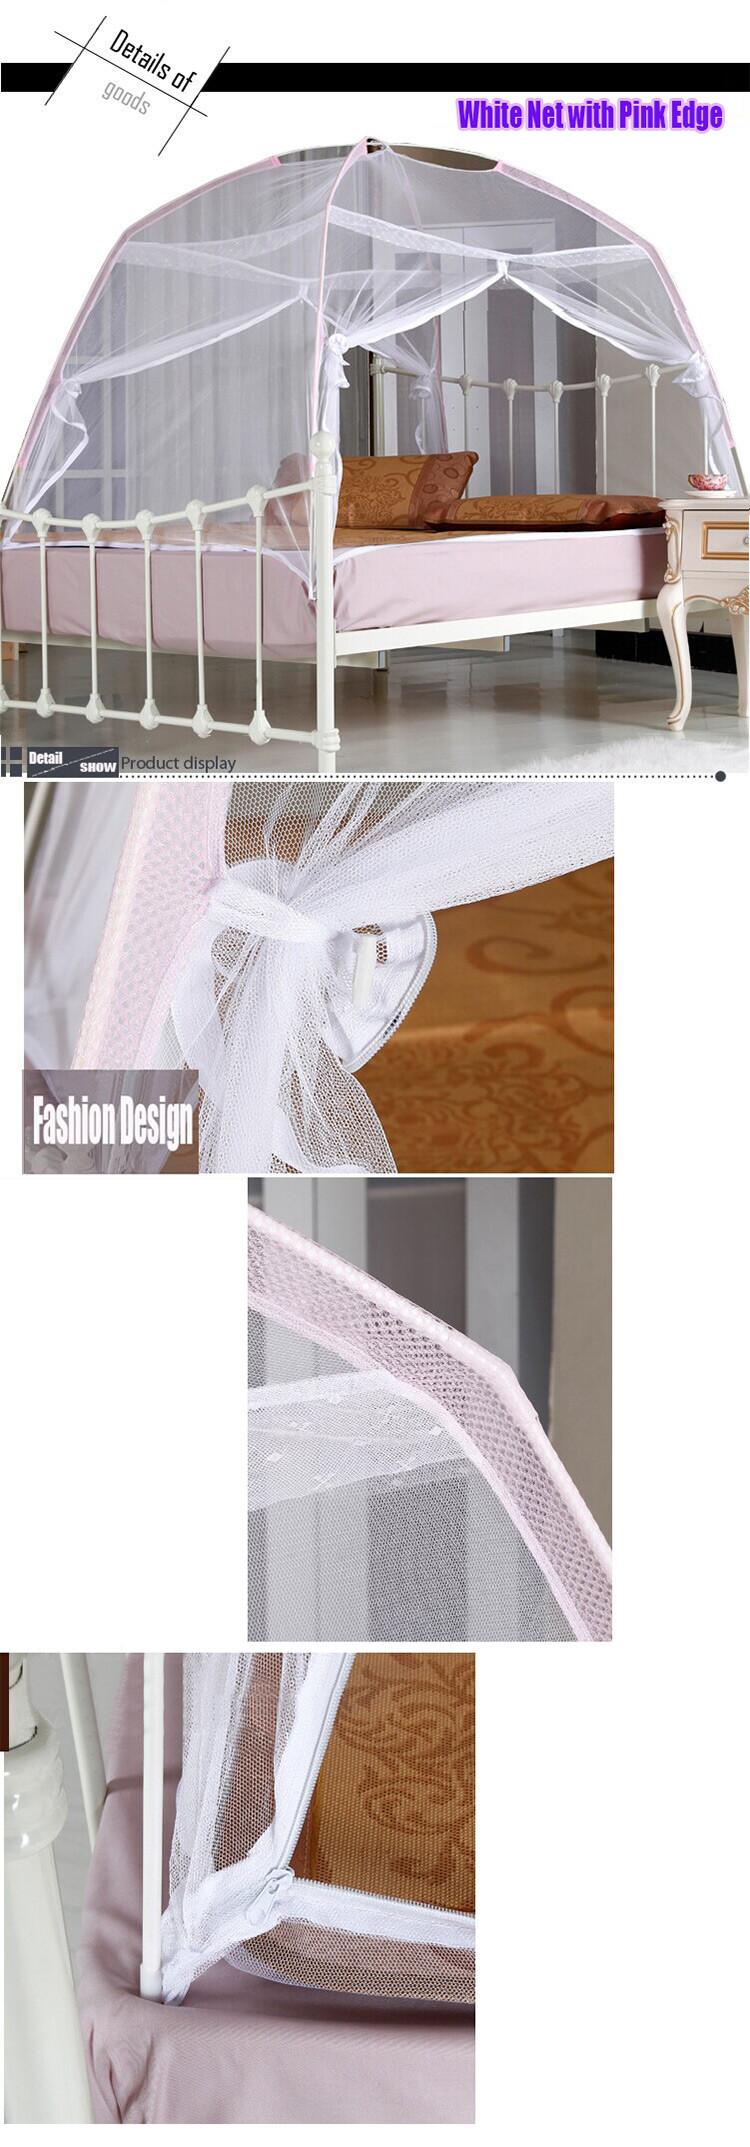 мелкая сеточка комаров палатка ger типа противомоскитная хороший сон, кровать, сетка с двойной дверью молния